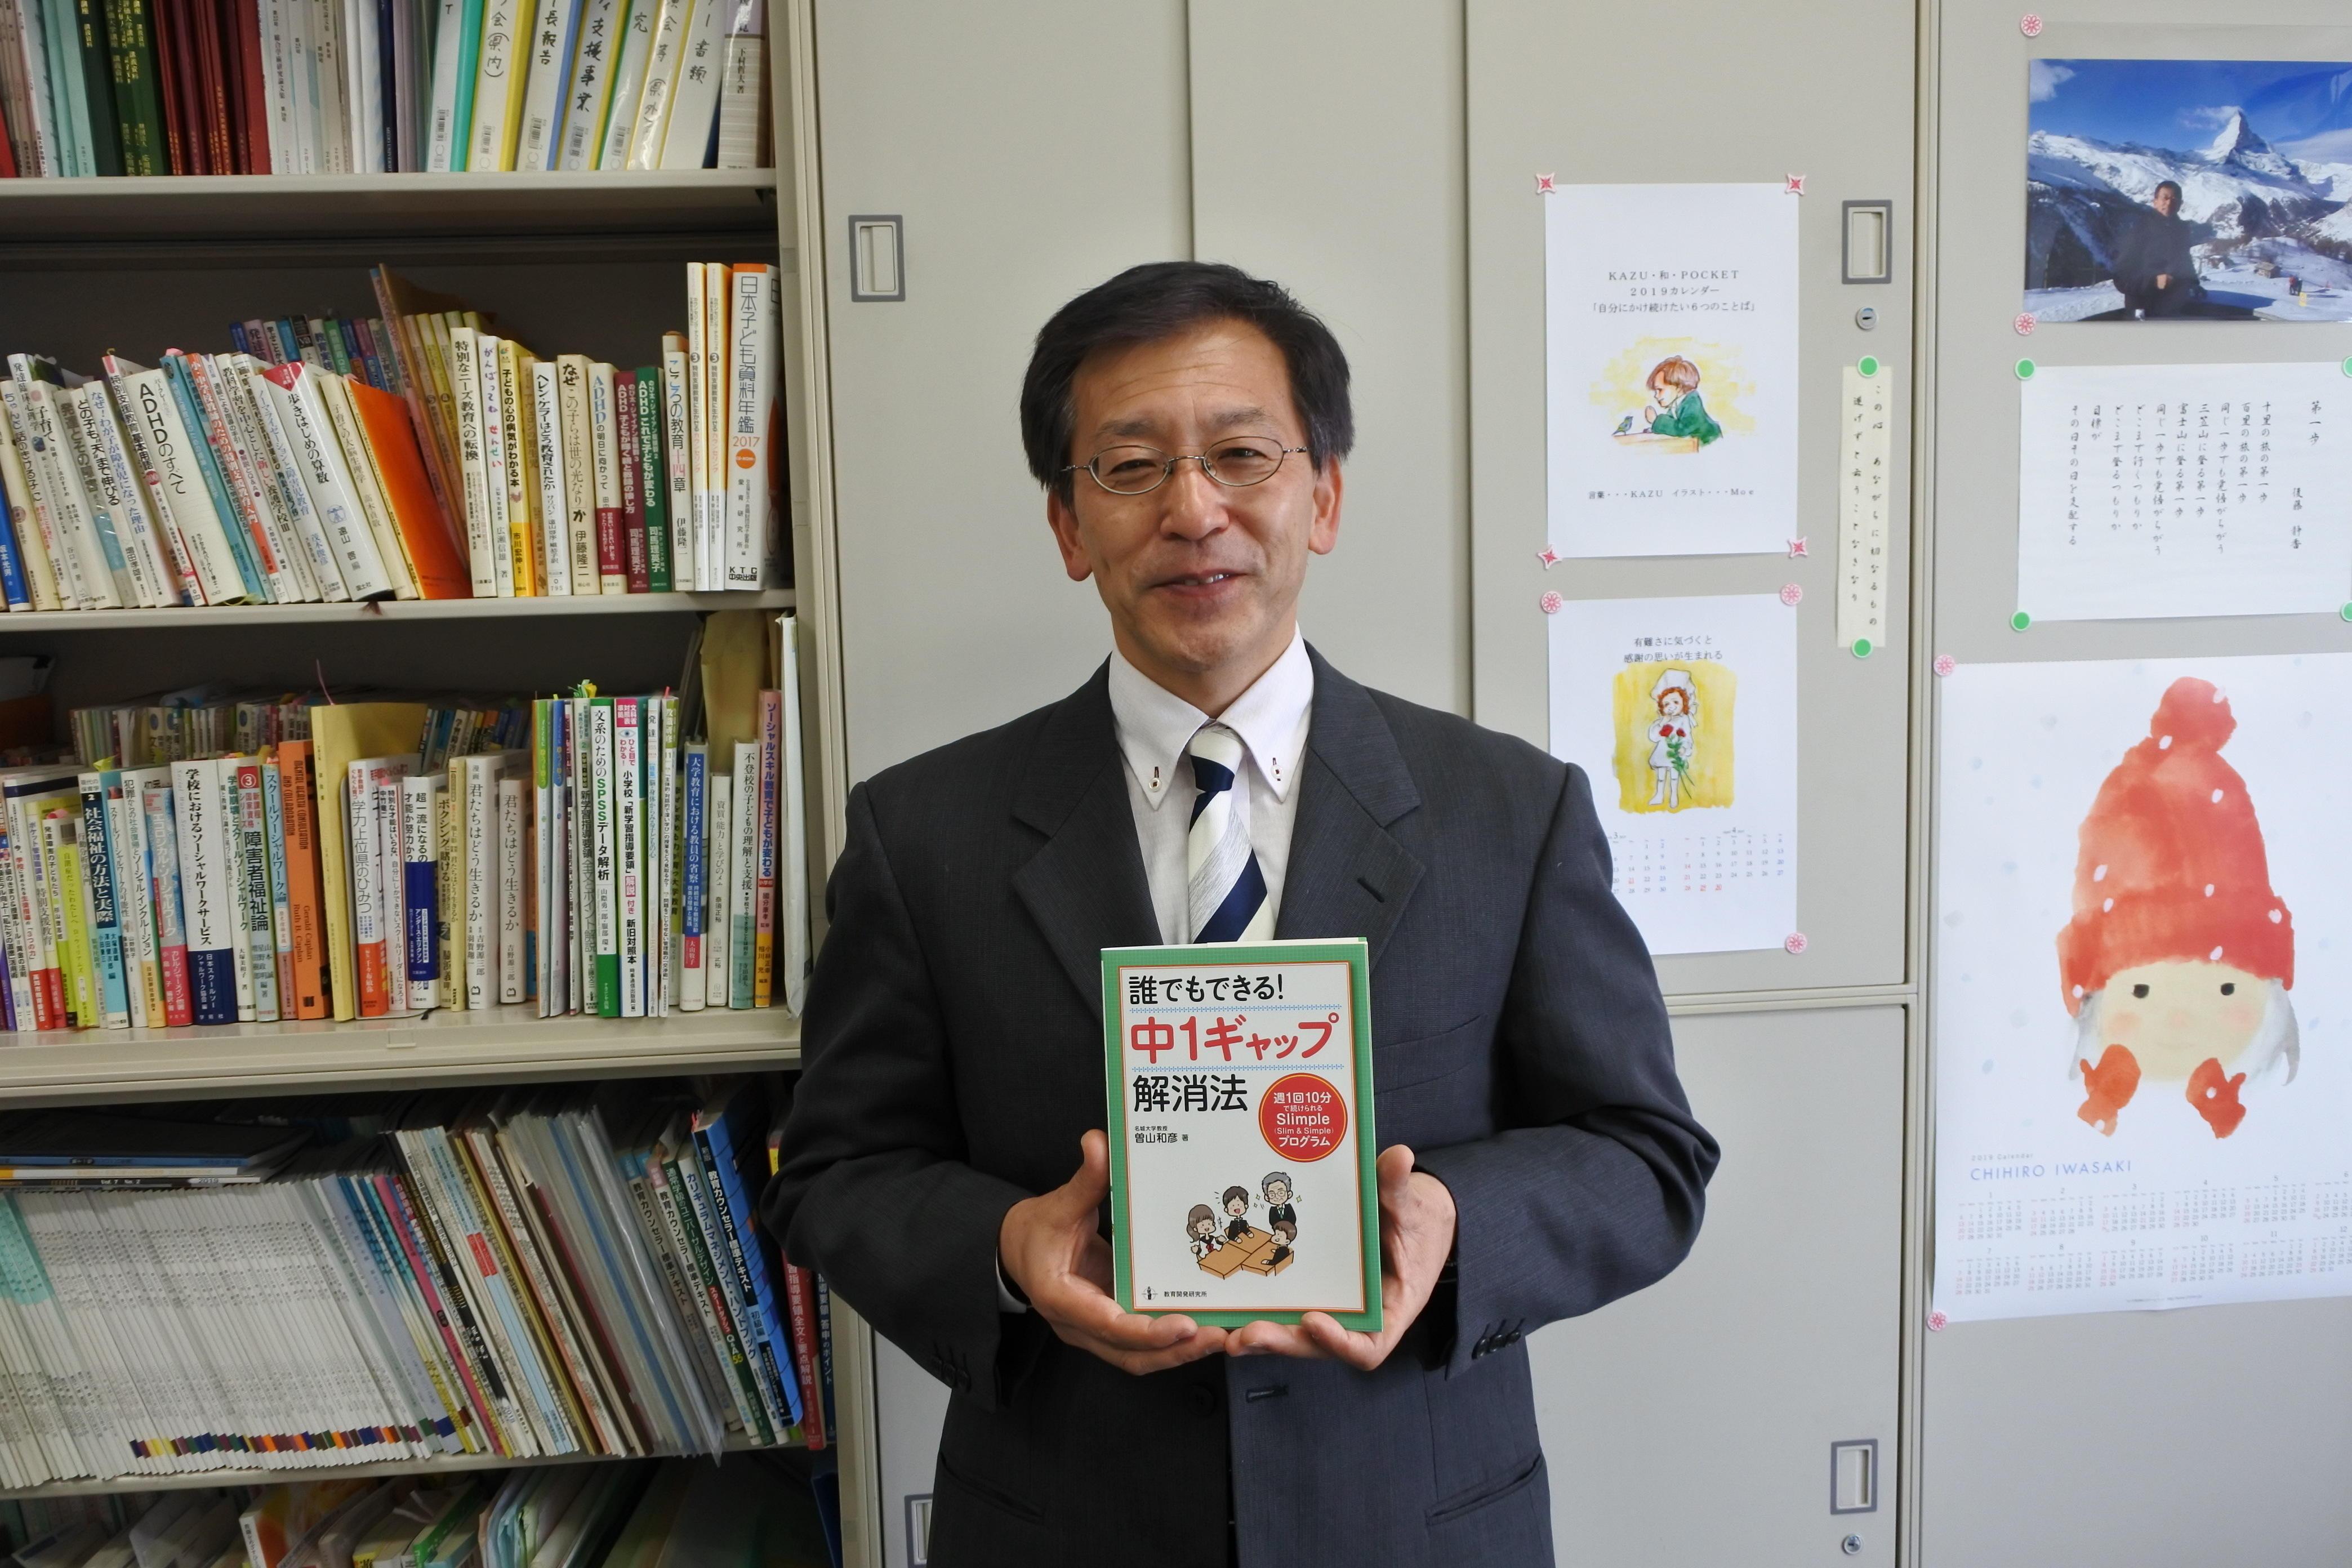 著書を手にする曽山教授